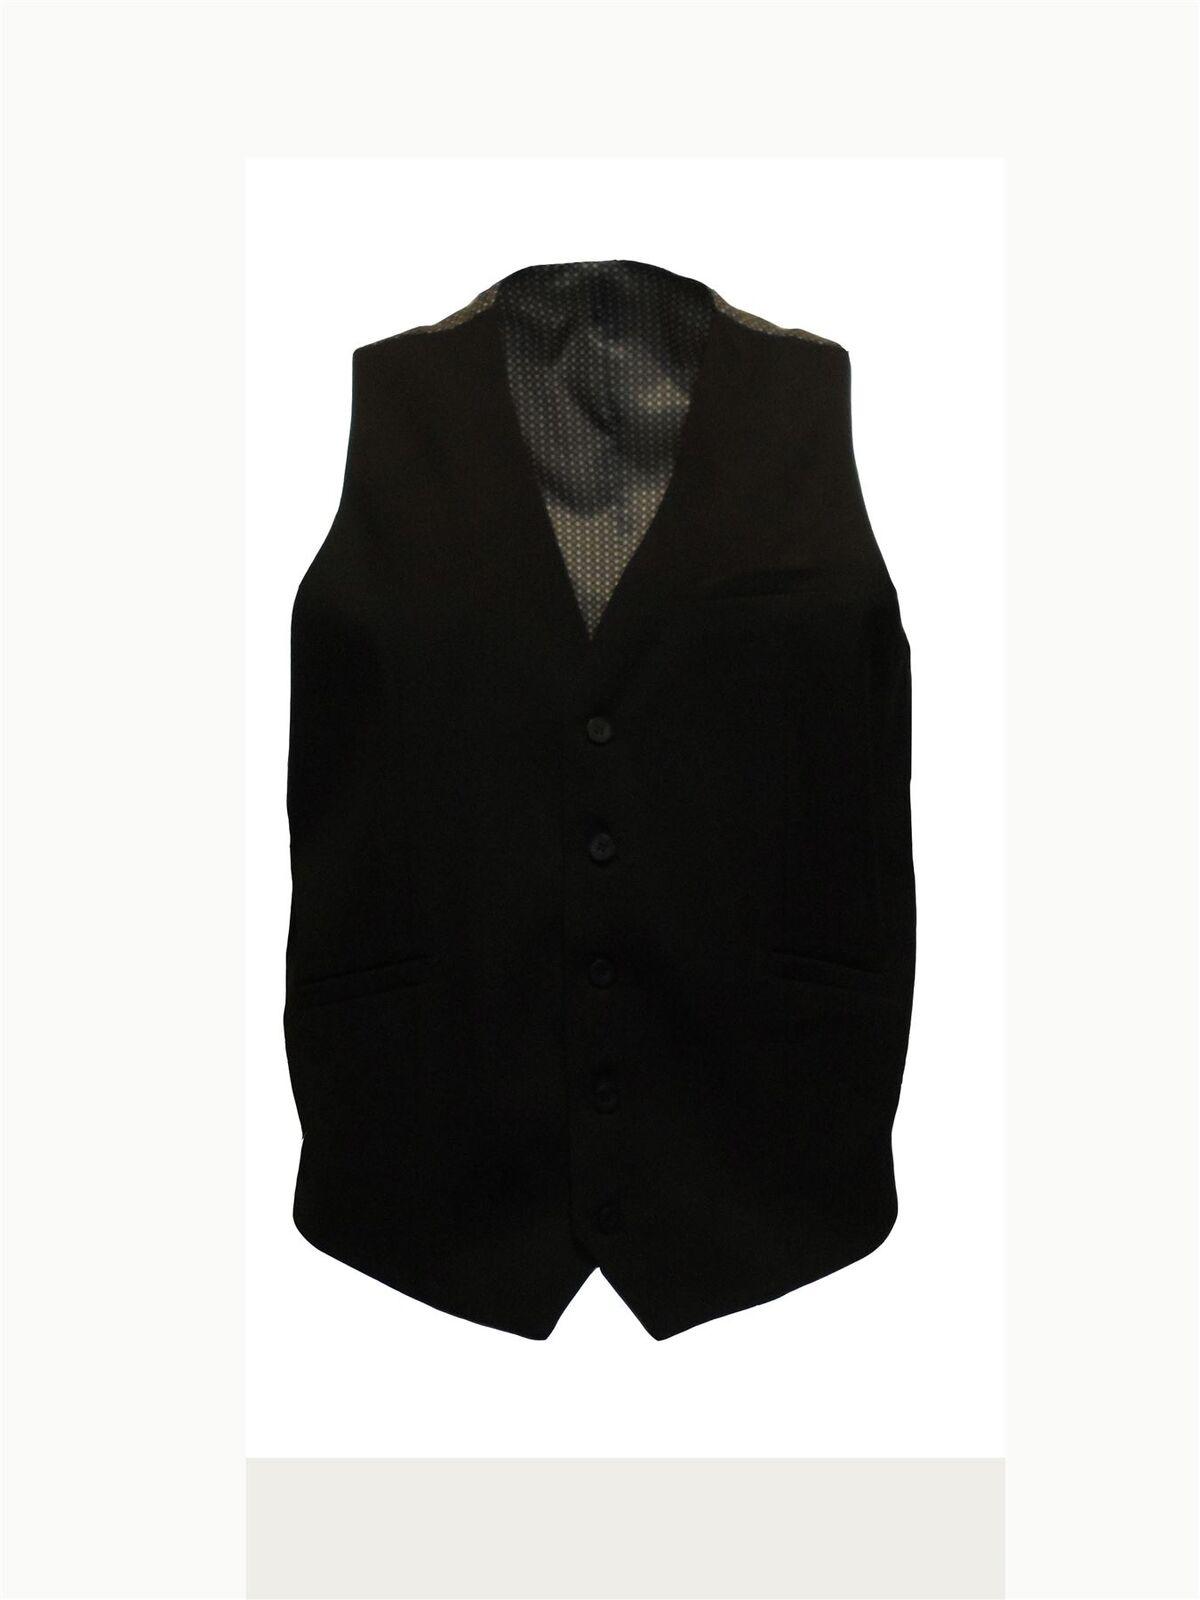 Herren Formell einfach schwarz Weste in Brust Brust Brust Größe 86.4to127cm   Die Qualität Und Die Verbraucher Zunächst  dd7440